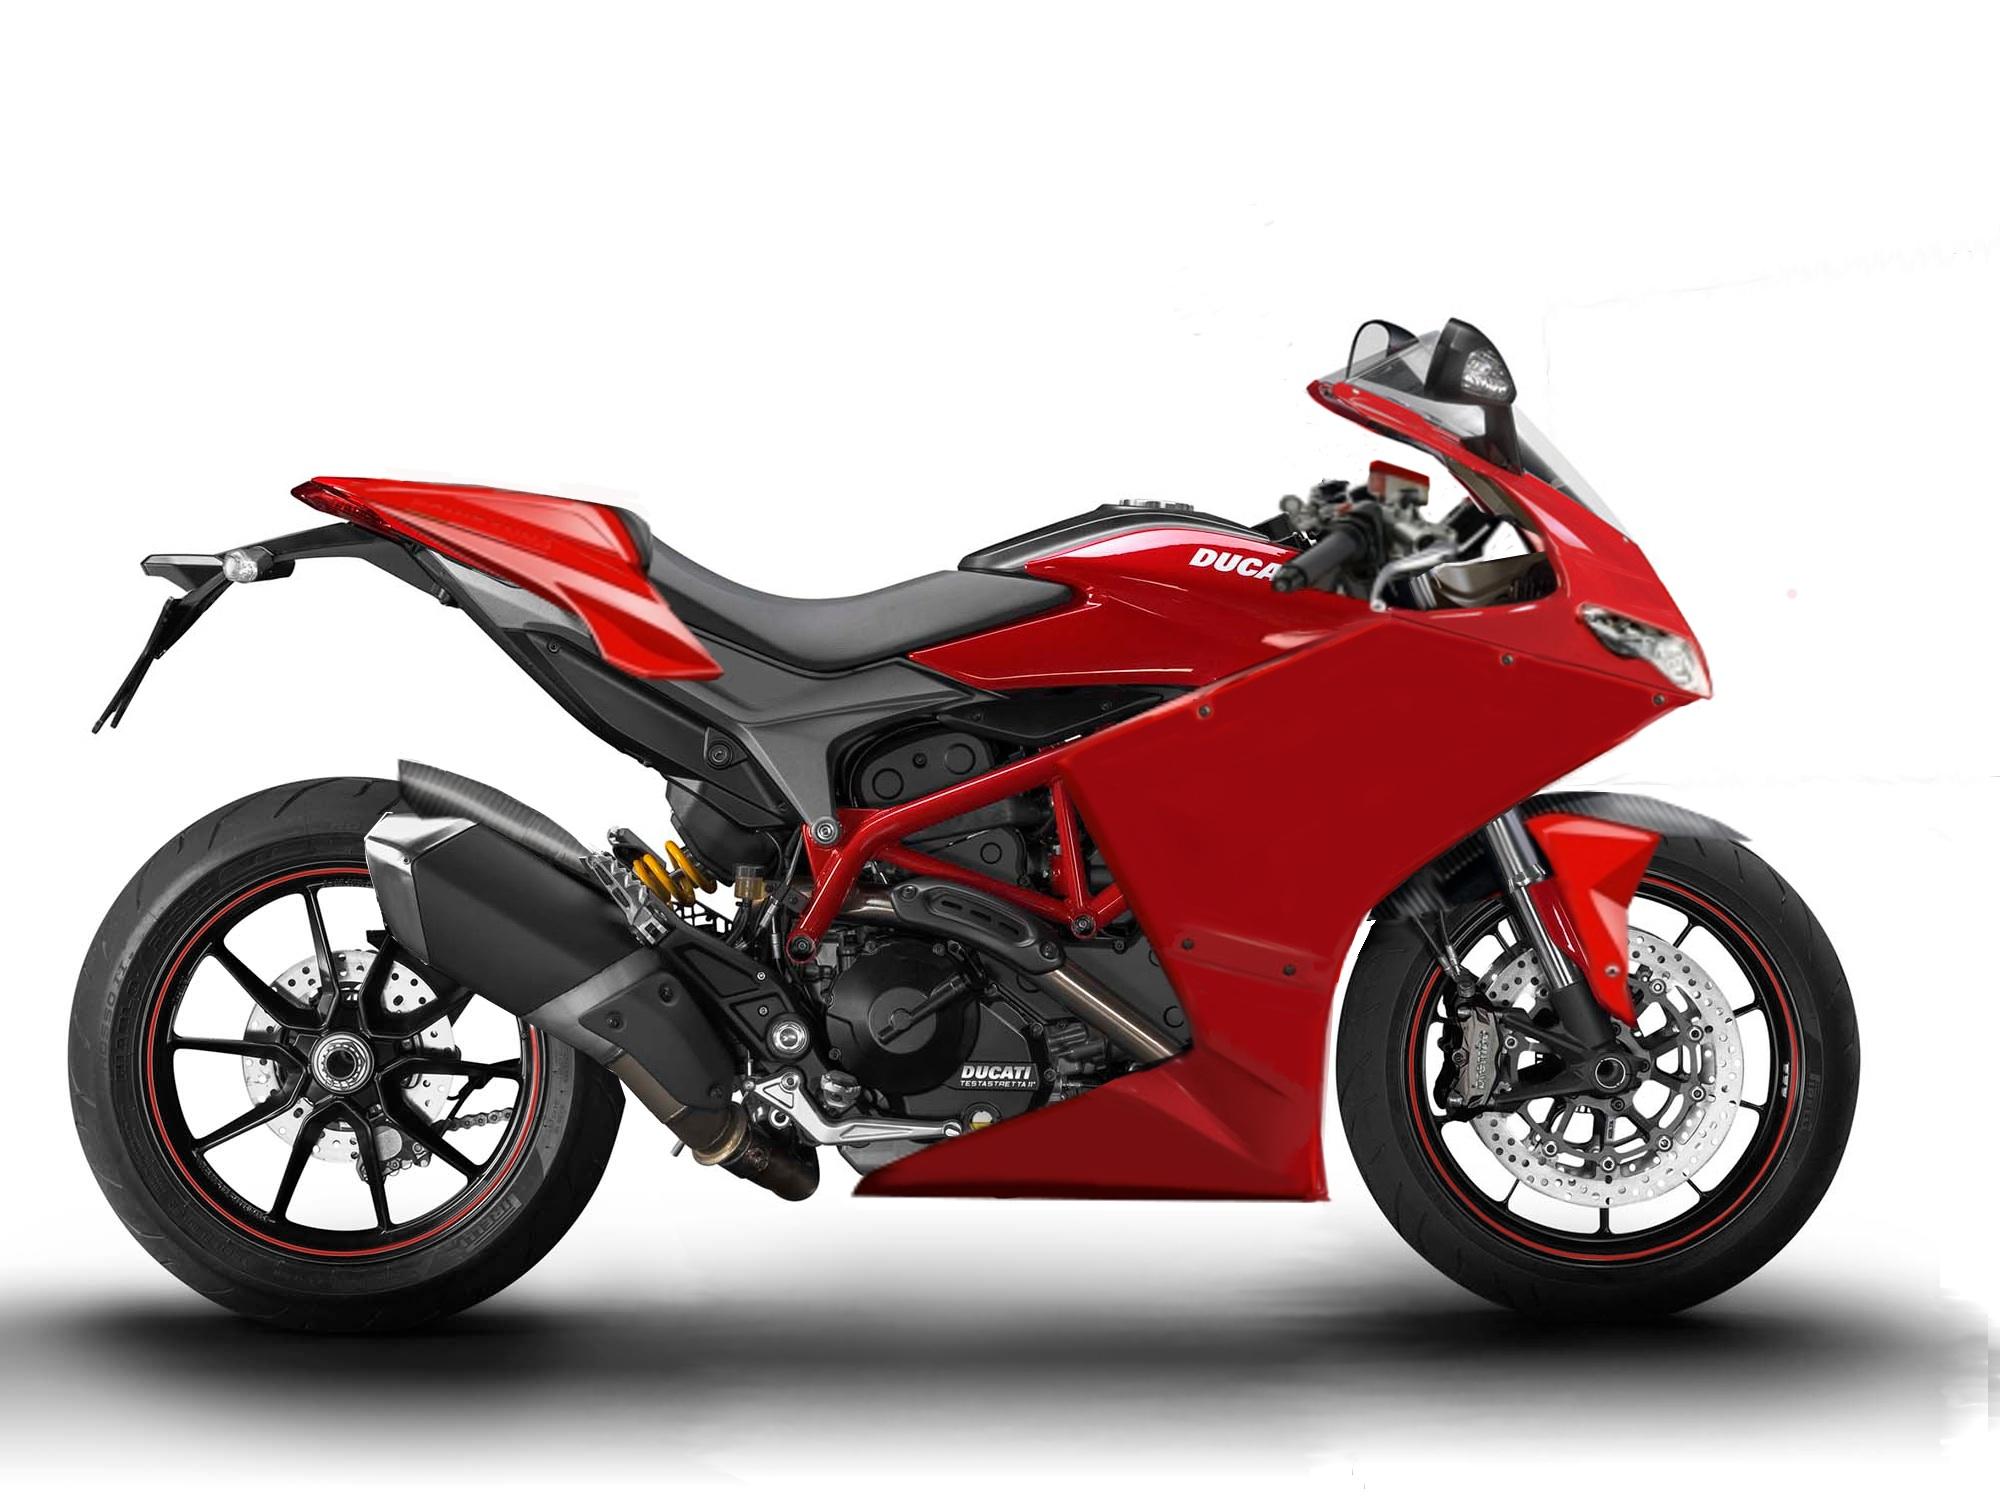 Ducati Monster 821 >> 821 belly pan/ fairing? - Ducati.ms - The Ultimate Ducati Forum